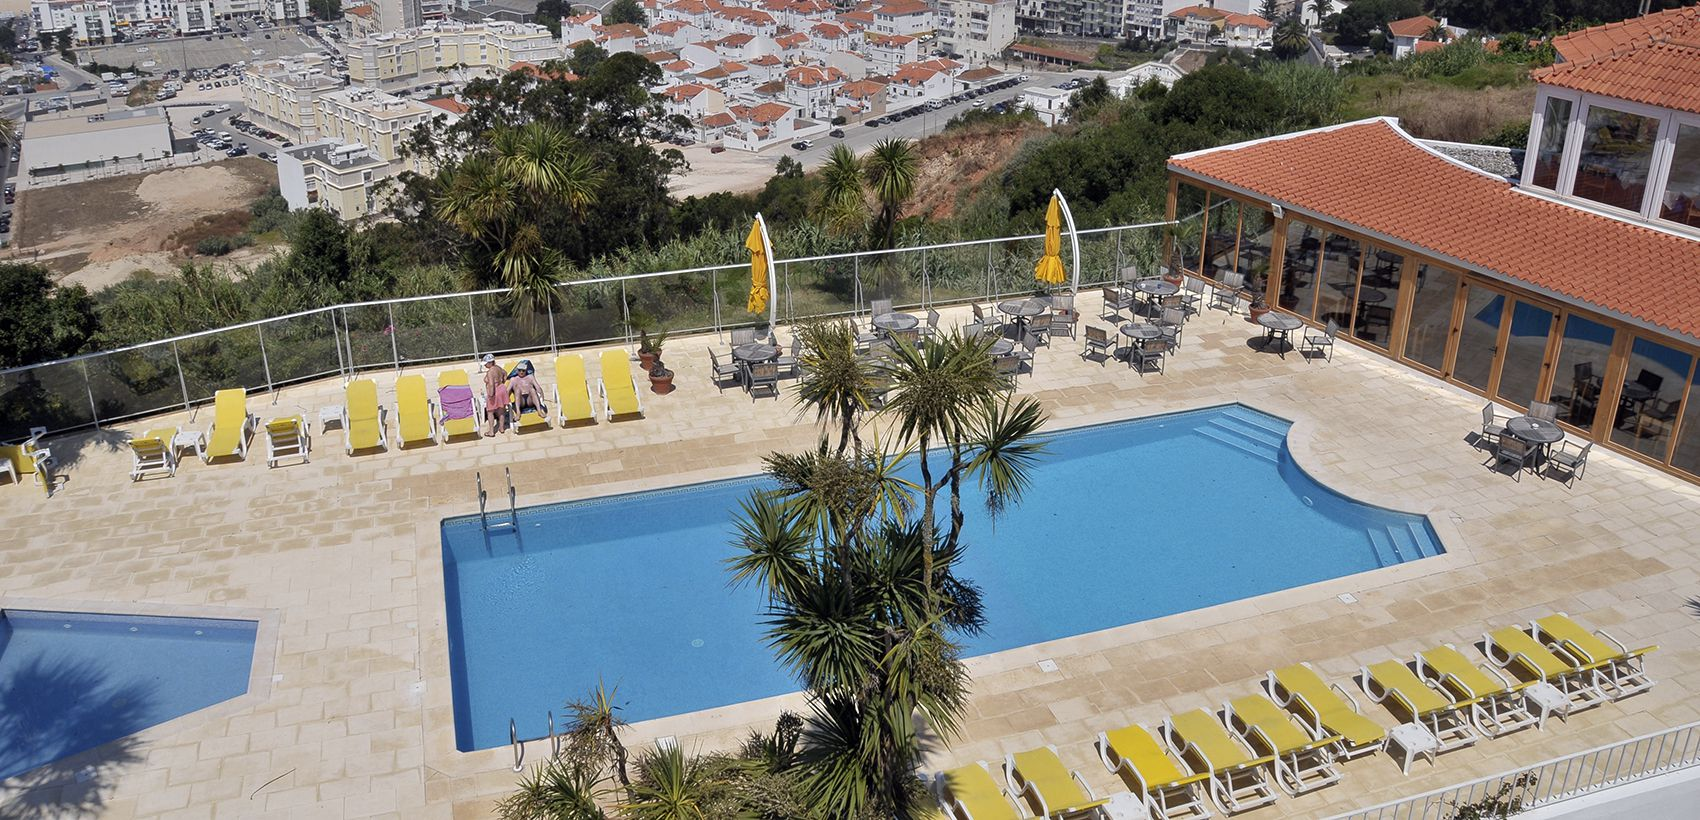 Miramar a Dois: Miramar Hotel & Spa | Miramar Sul